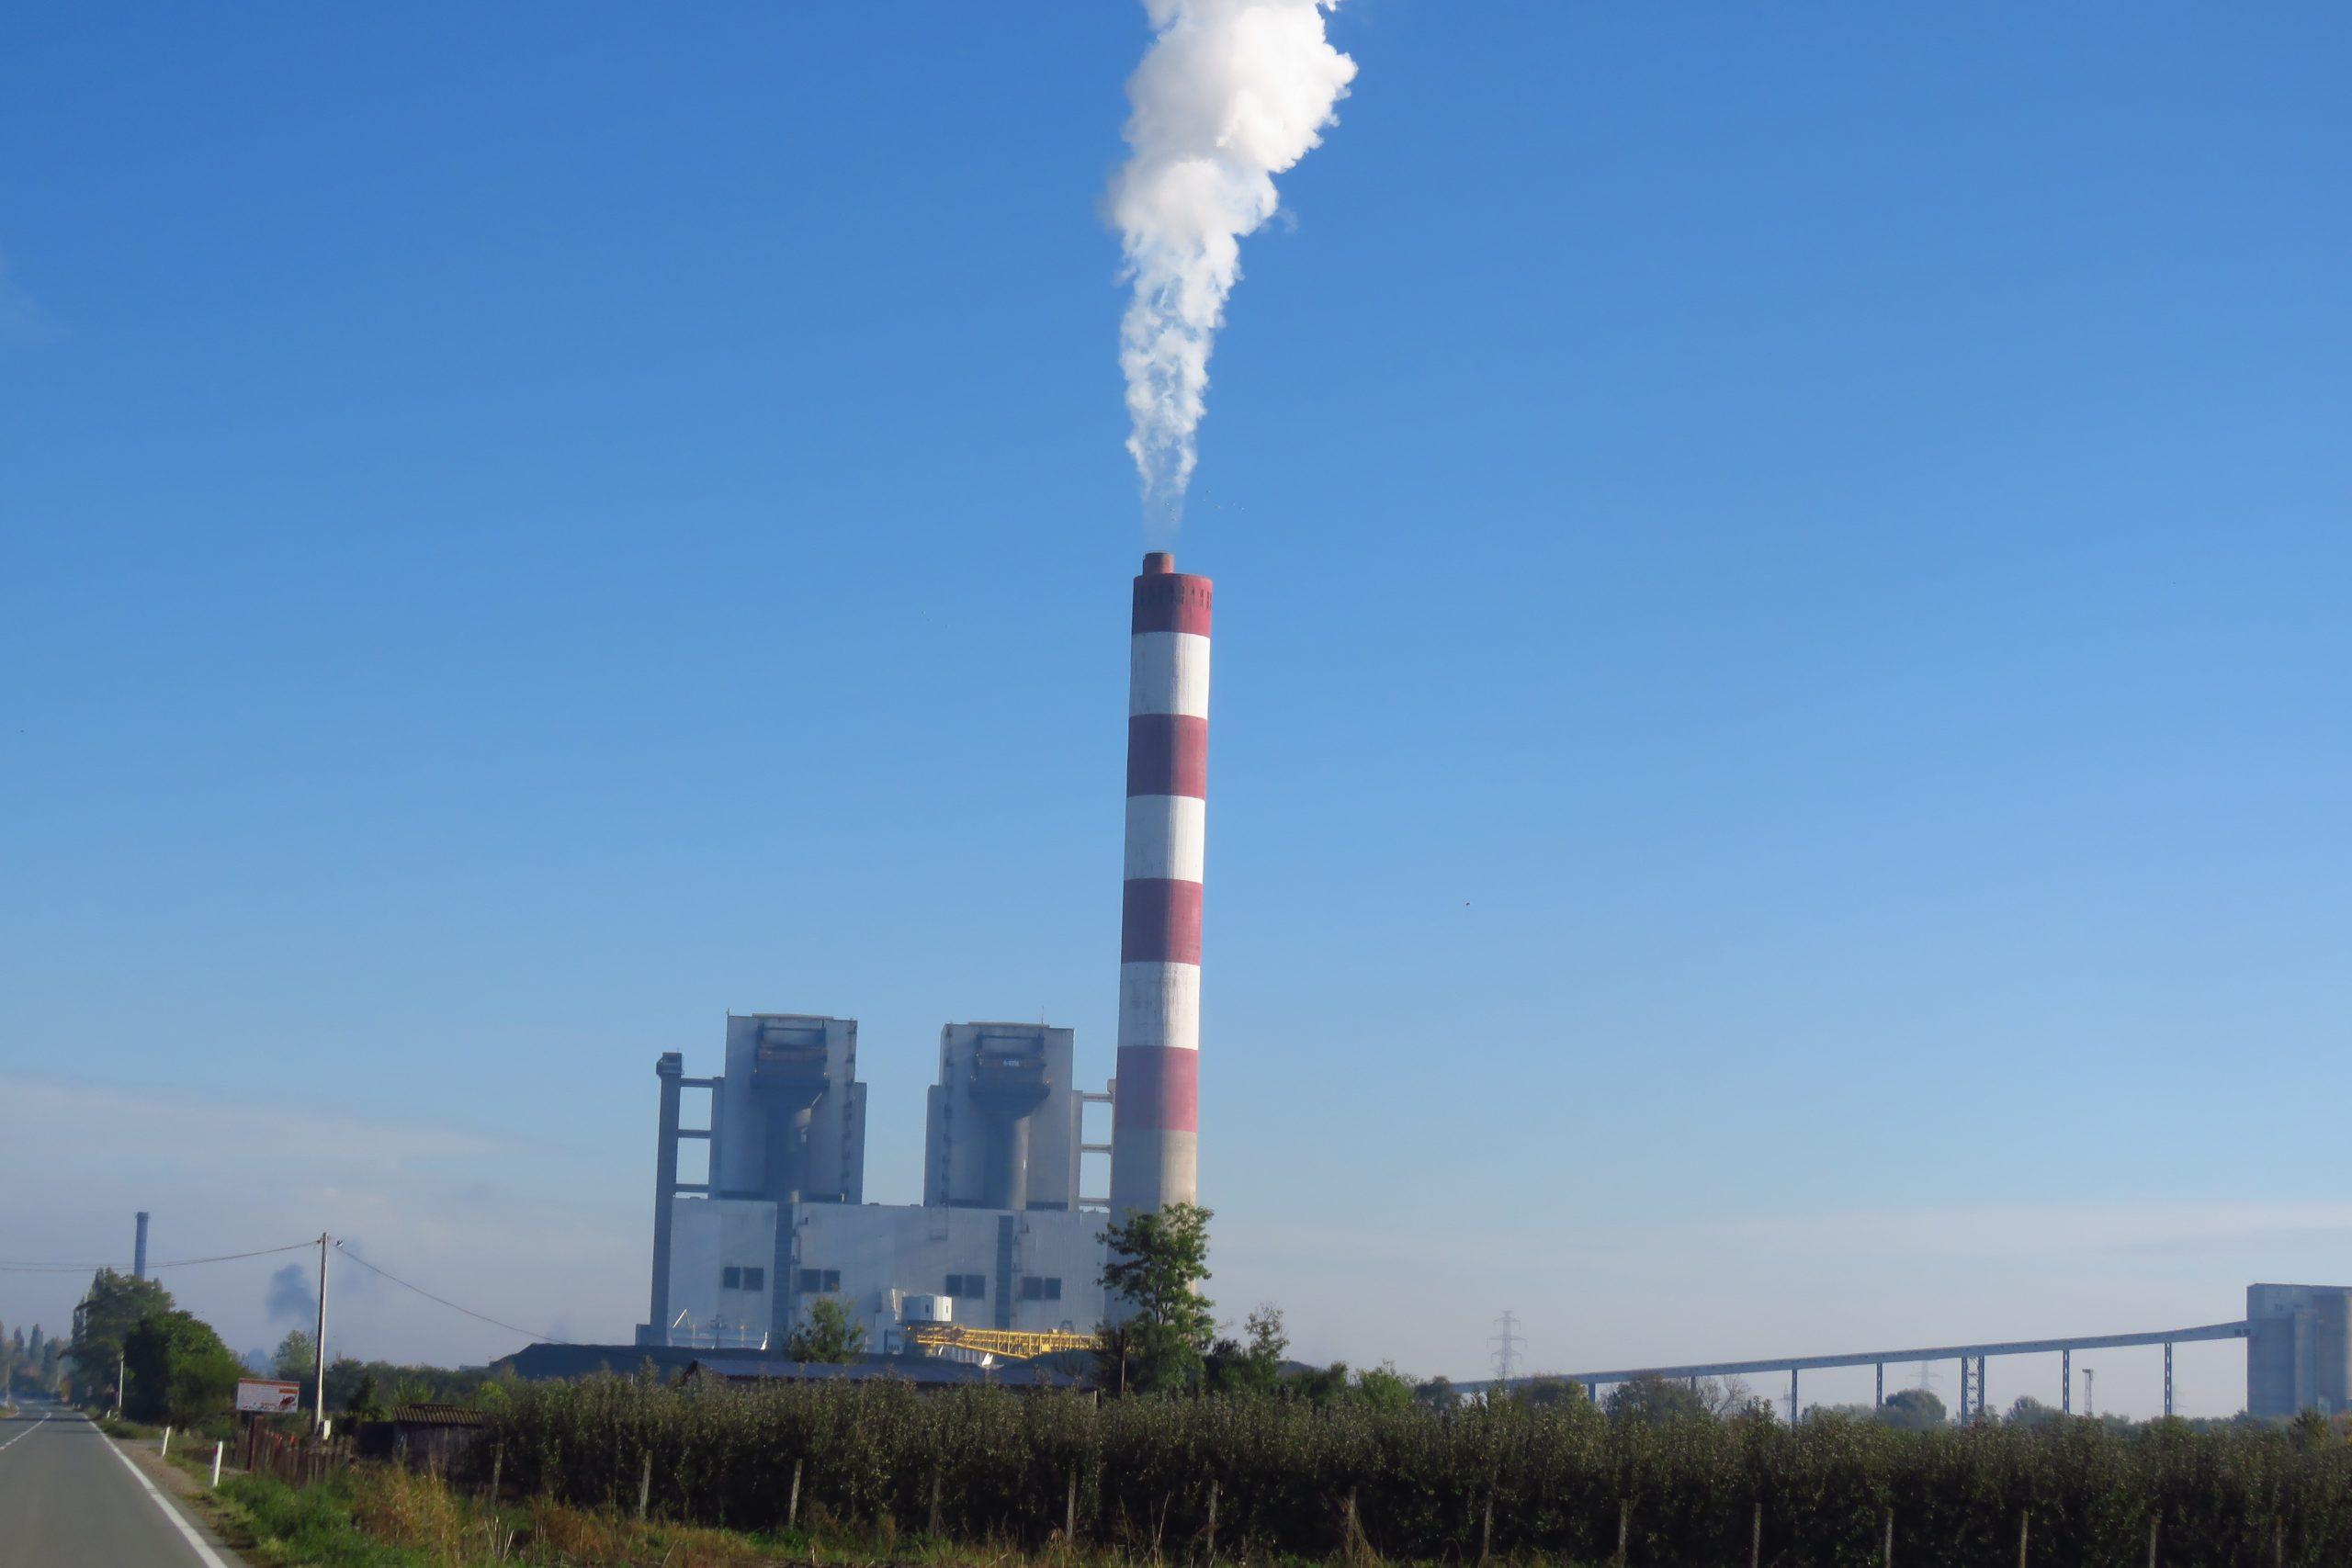 Srbija u opasnosti da zaostane u energetskoj tranziciji, kineska ulaganja omogućavaju izgradnju novih termoelektrana 1